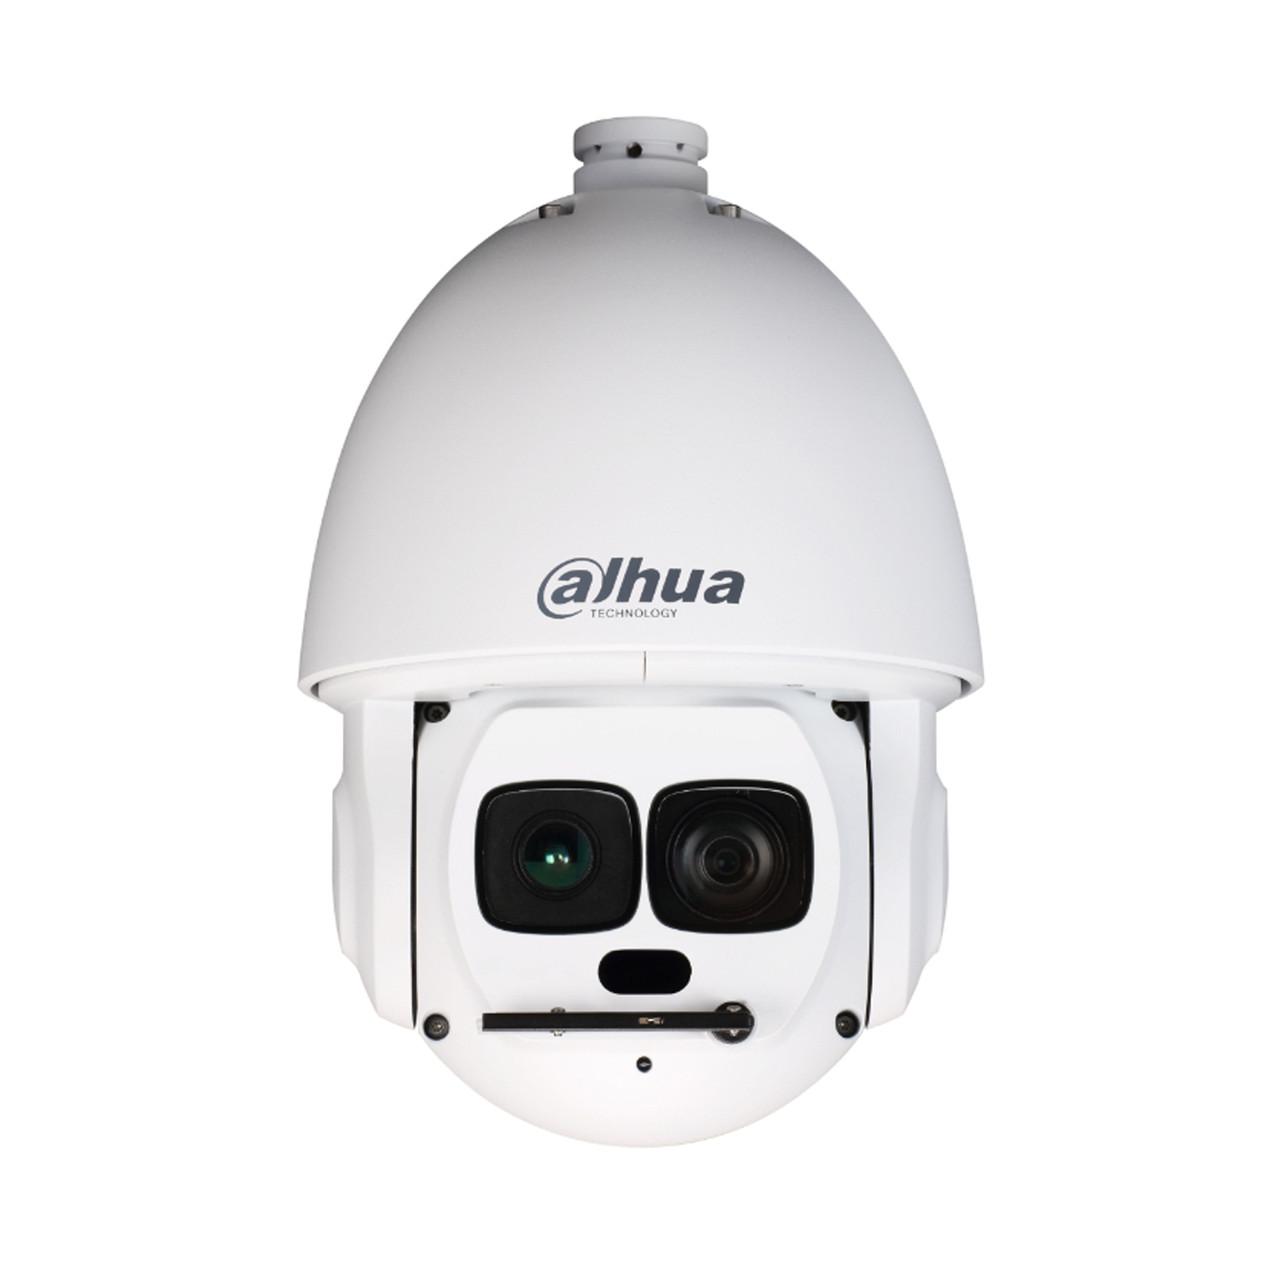 Поворотная IP камера Dahua SD 6AL240 -HNI  2 Мр